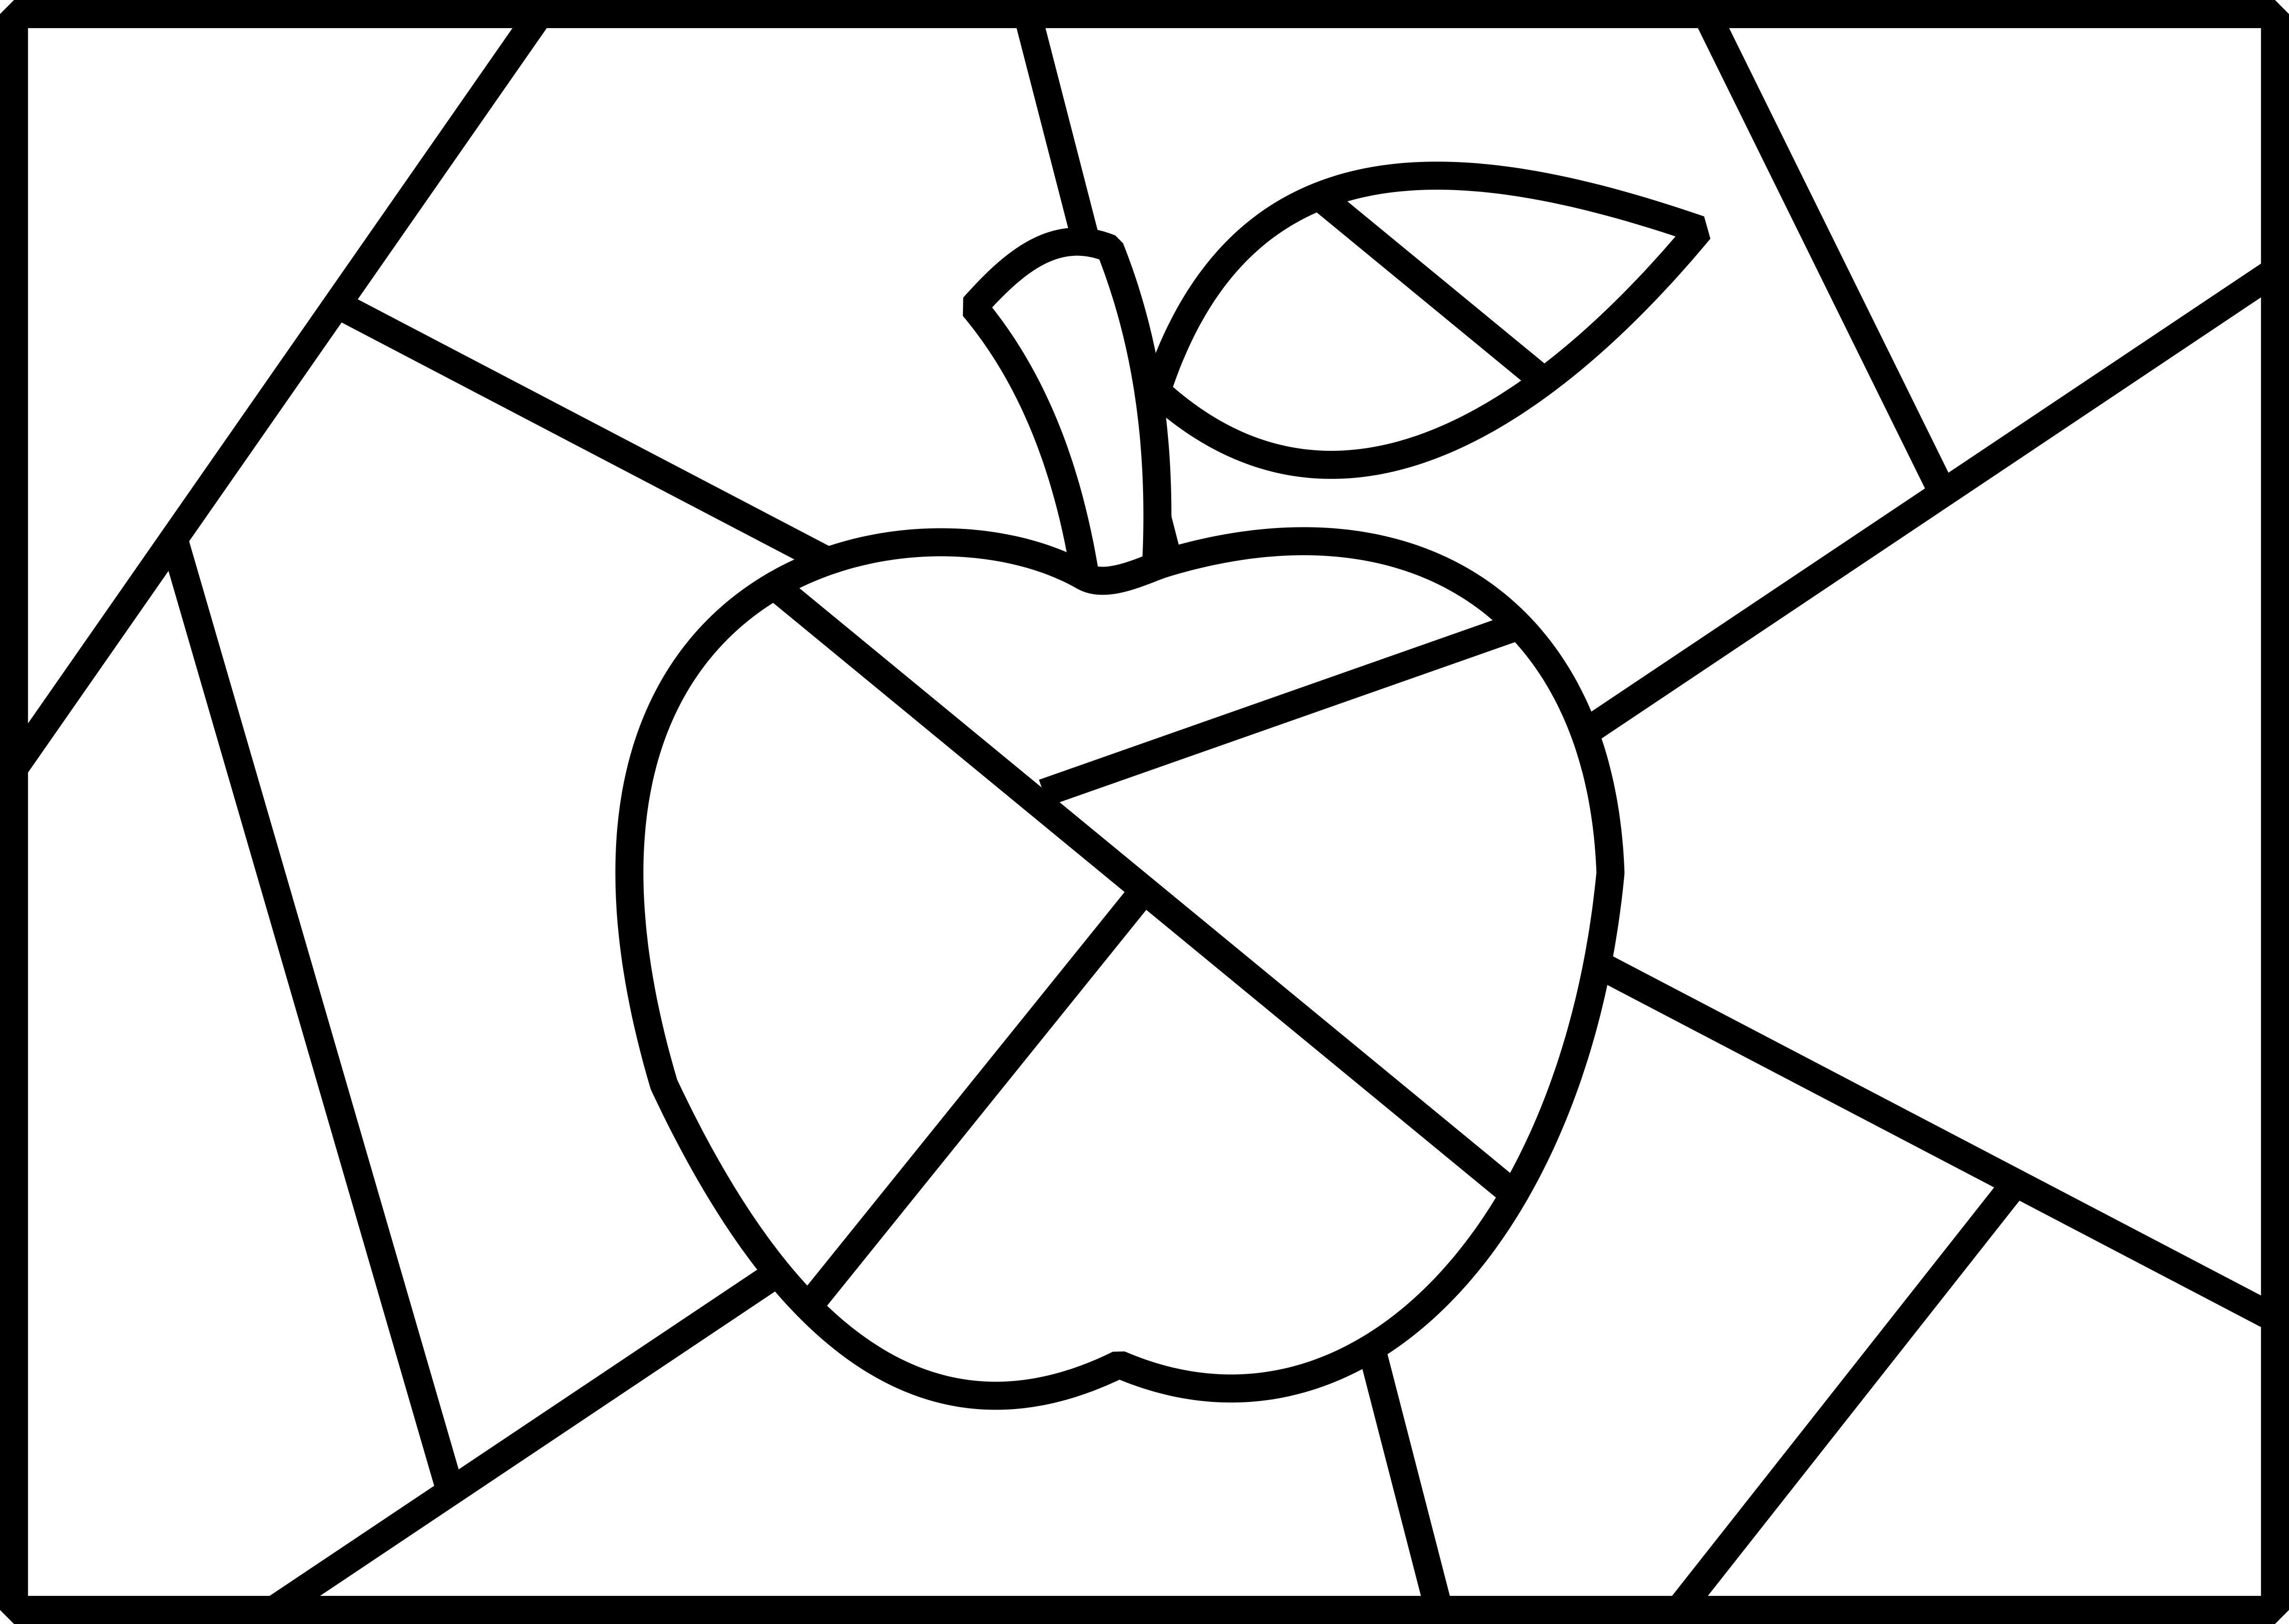 Pin de inge linsen en kunst | Pinterest | Britto, Romero britto y Brito